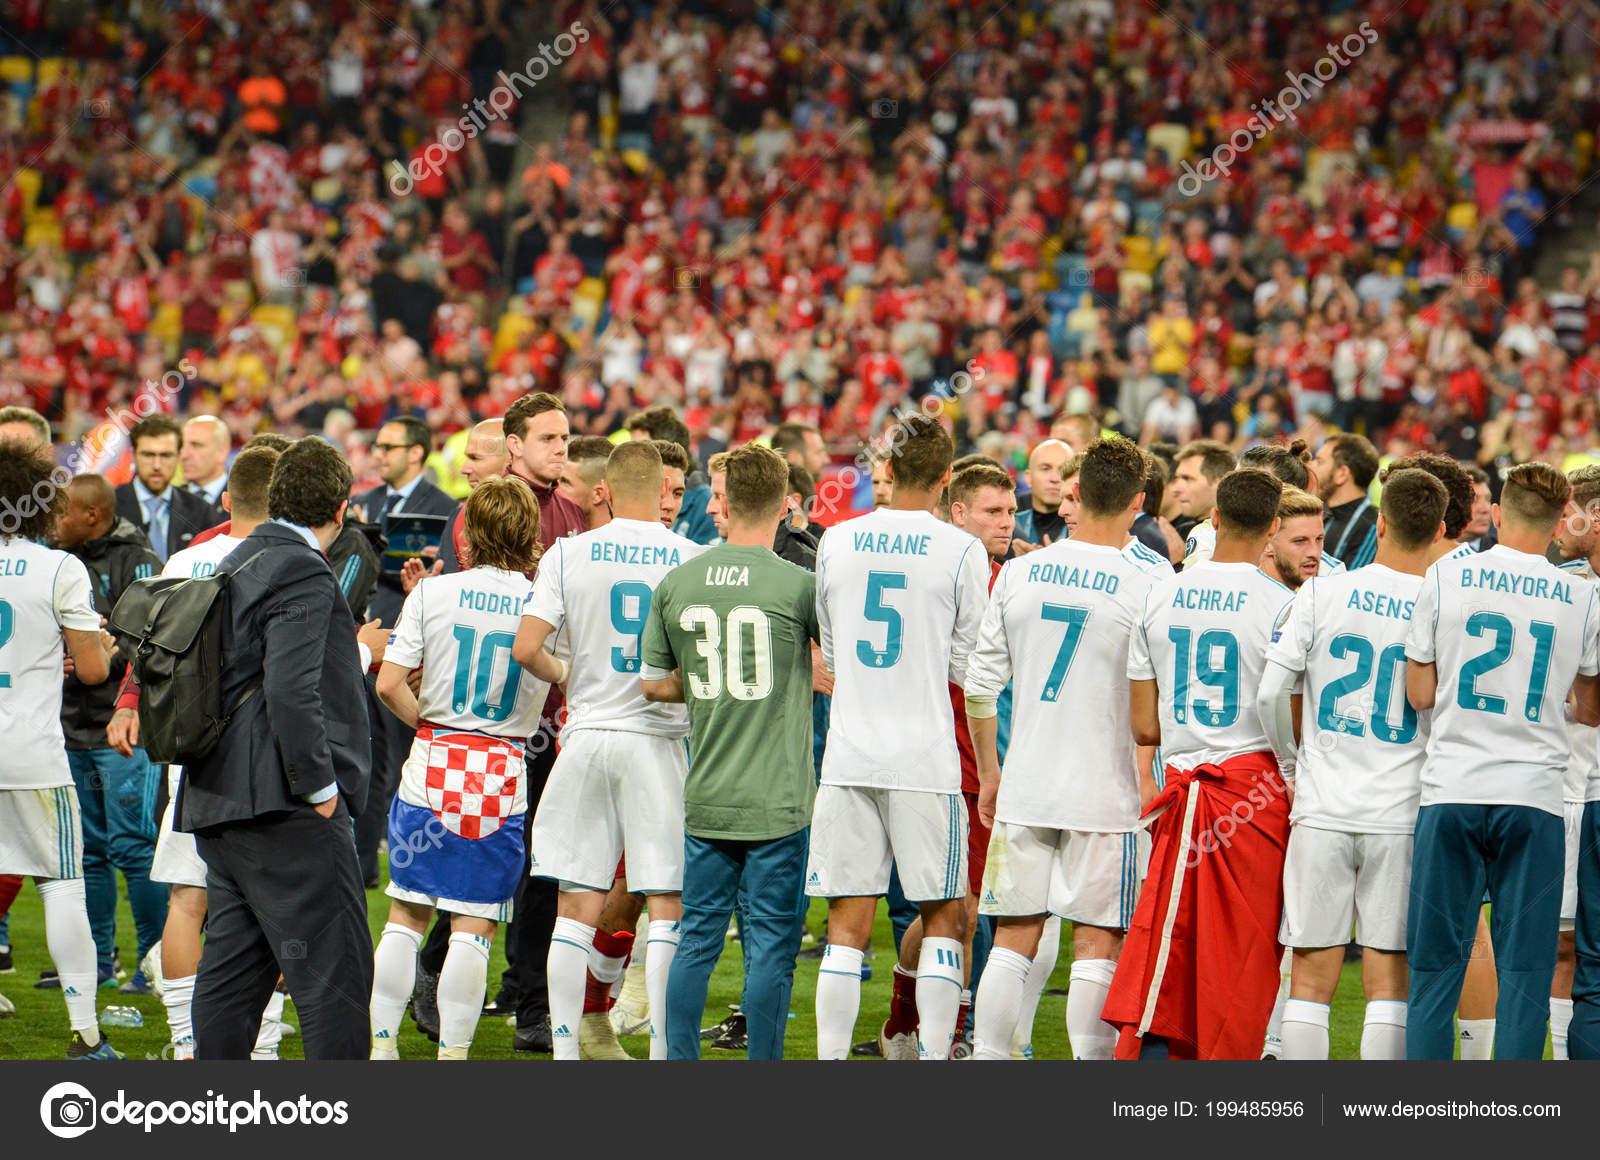 Реал мадрид футболисты фото